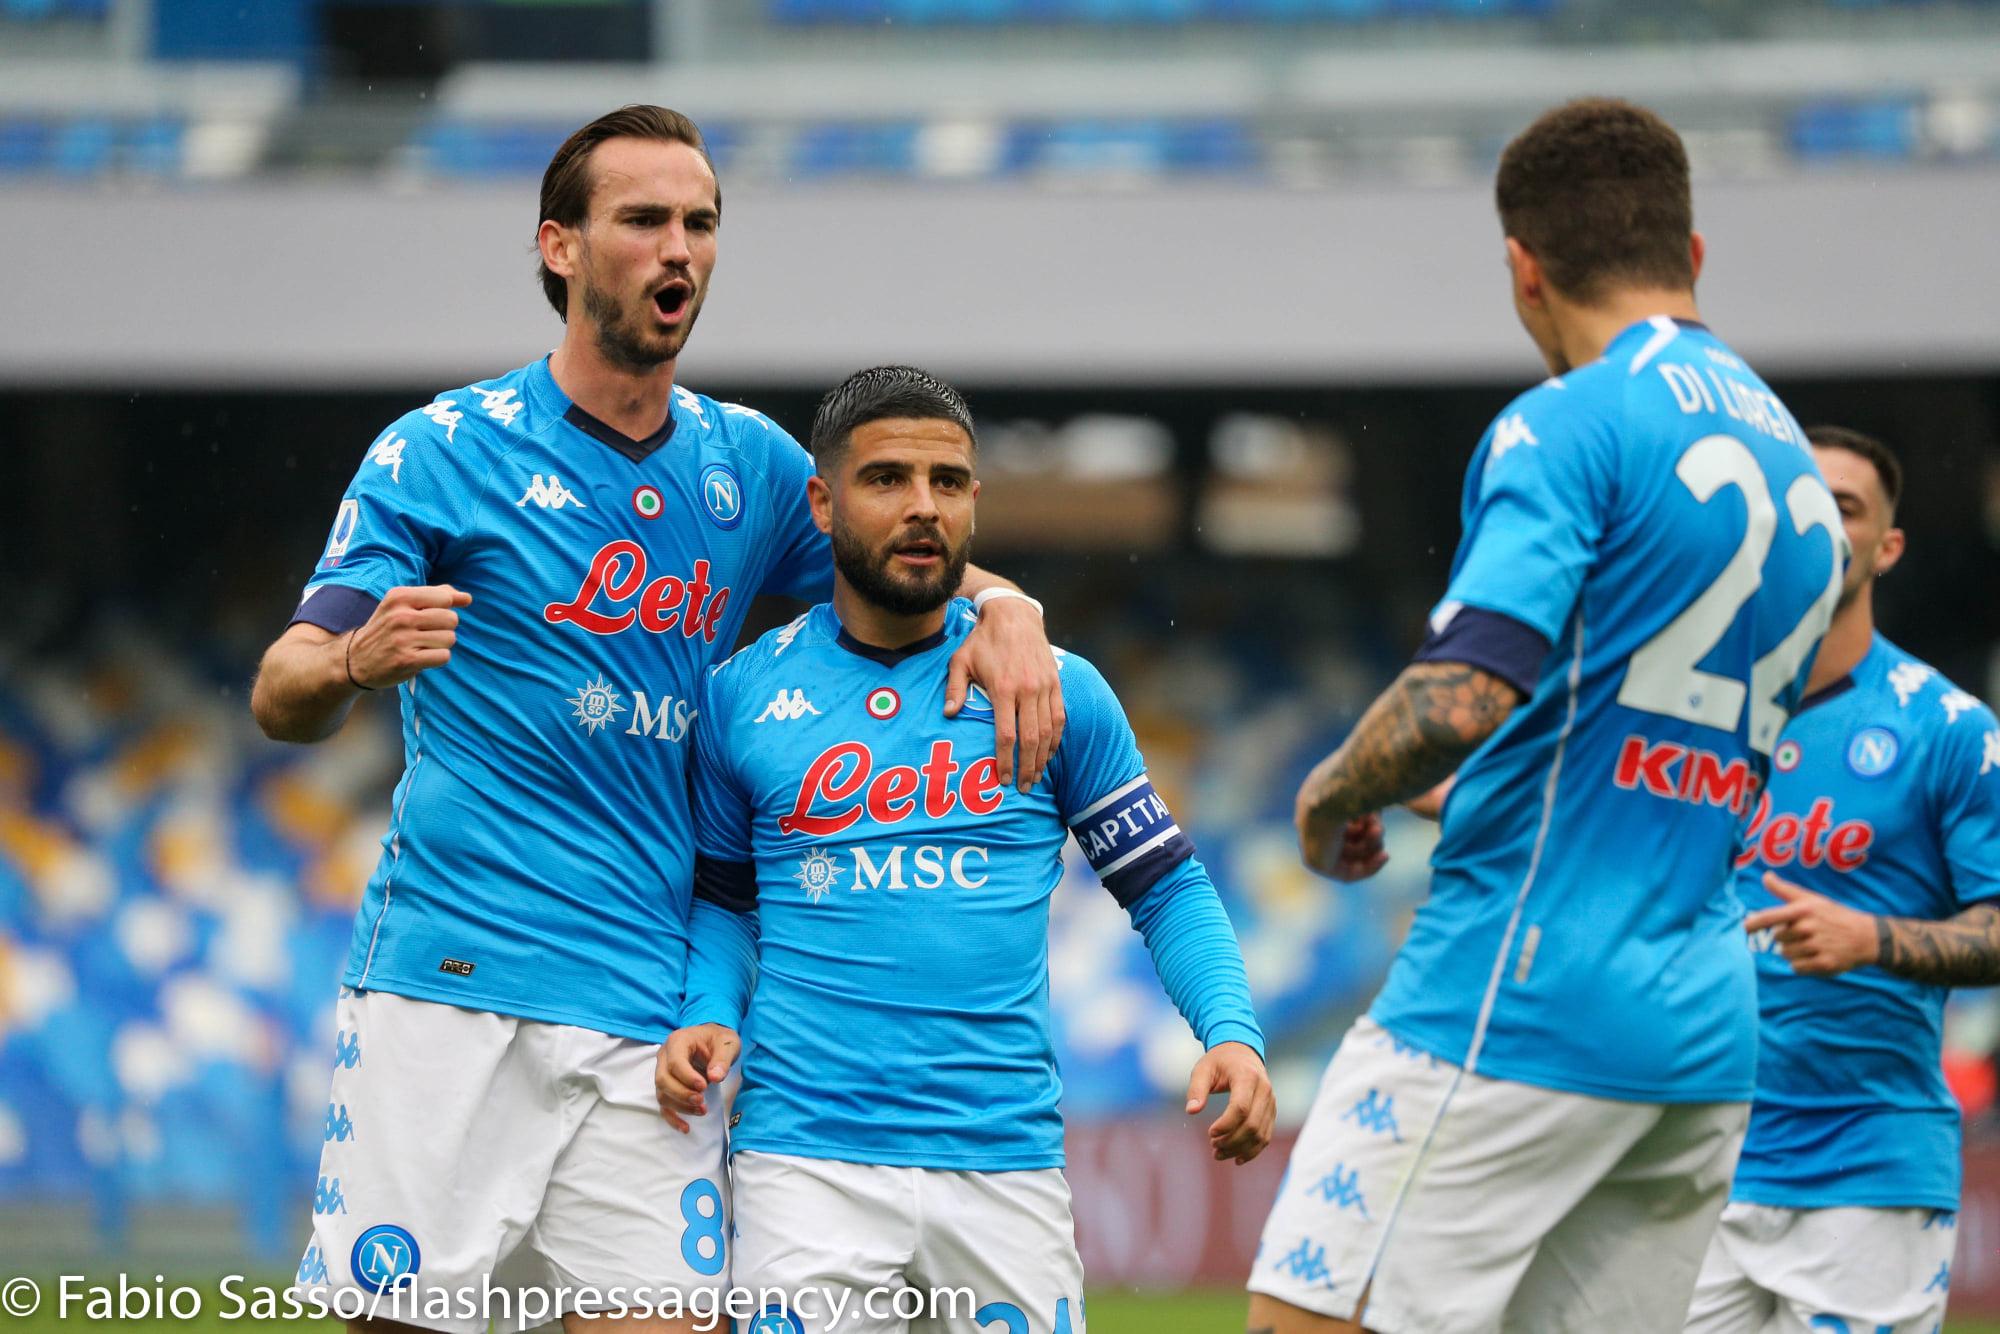 La SSC Napoli ufficializza la nuova maglia 2021/22. La foto della ...